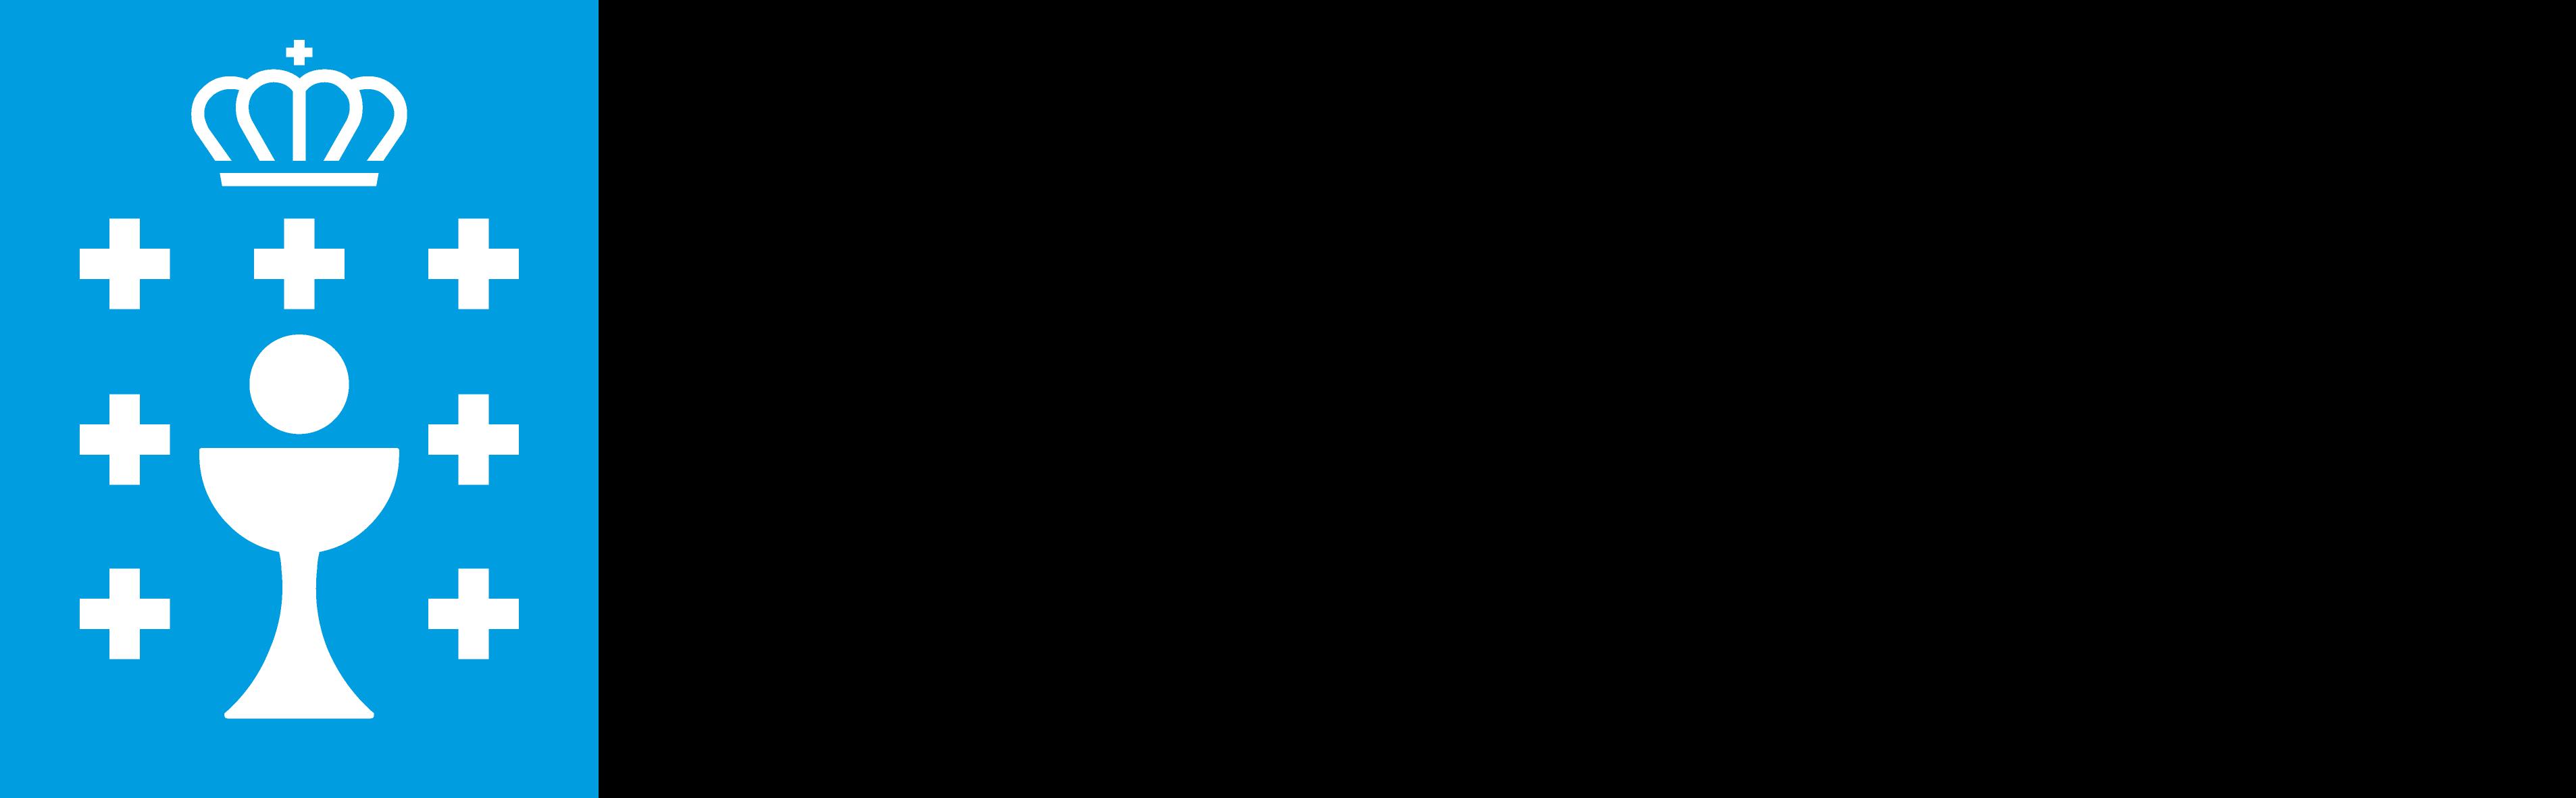 Xunta Galicia Logo